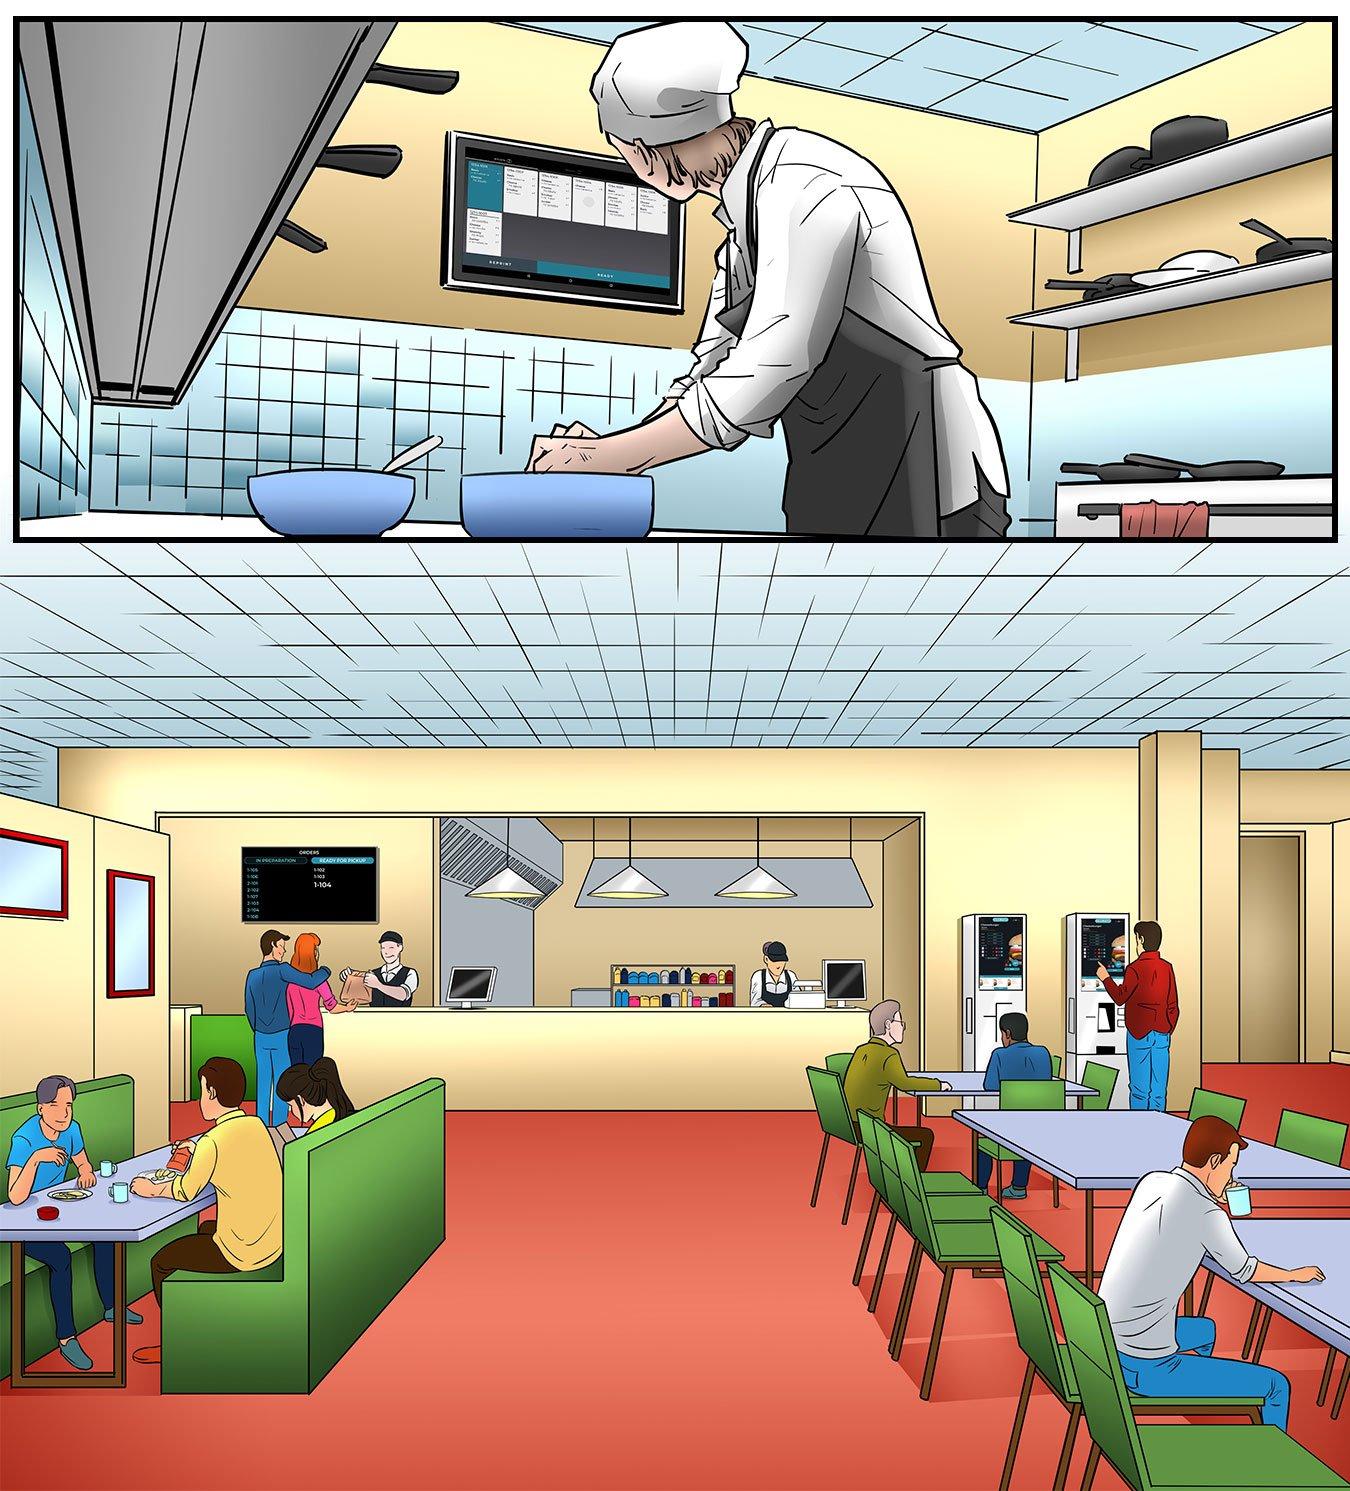 sarjakuvassa ravintola kokki katsoo keittiönäytöltä asiakkaiden tilauksia ja alakuvassa näkymä hampurilaisravintolaan missä asiakkaita syömässä, noutamassa tilausta sekä tilaamassa itsepalvelukioskista